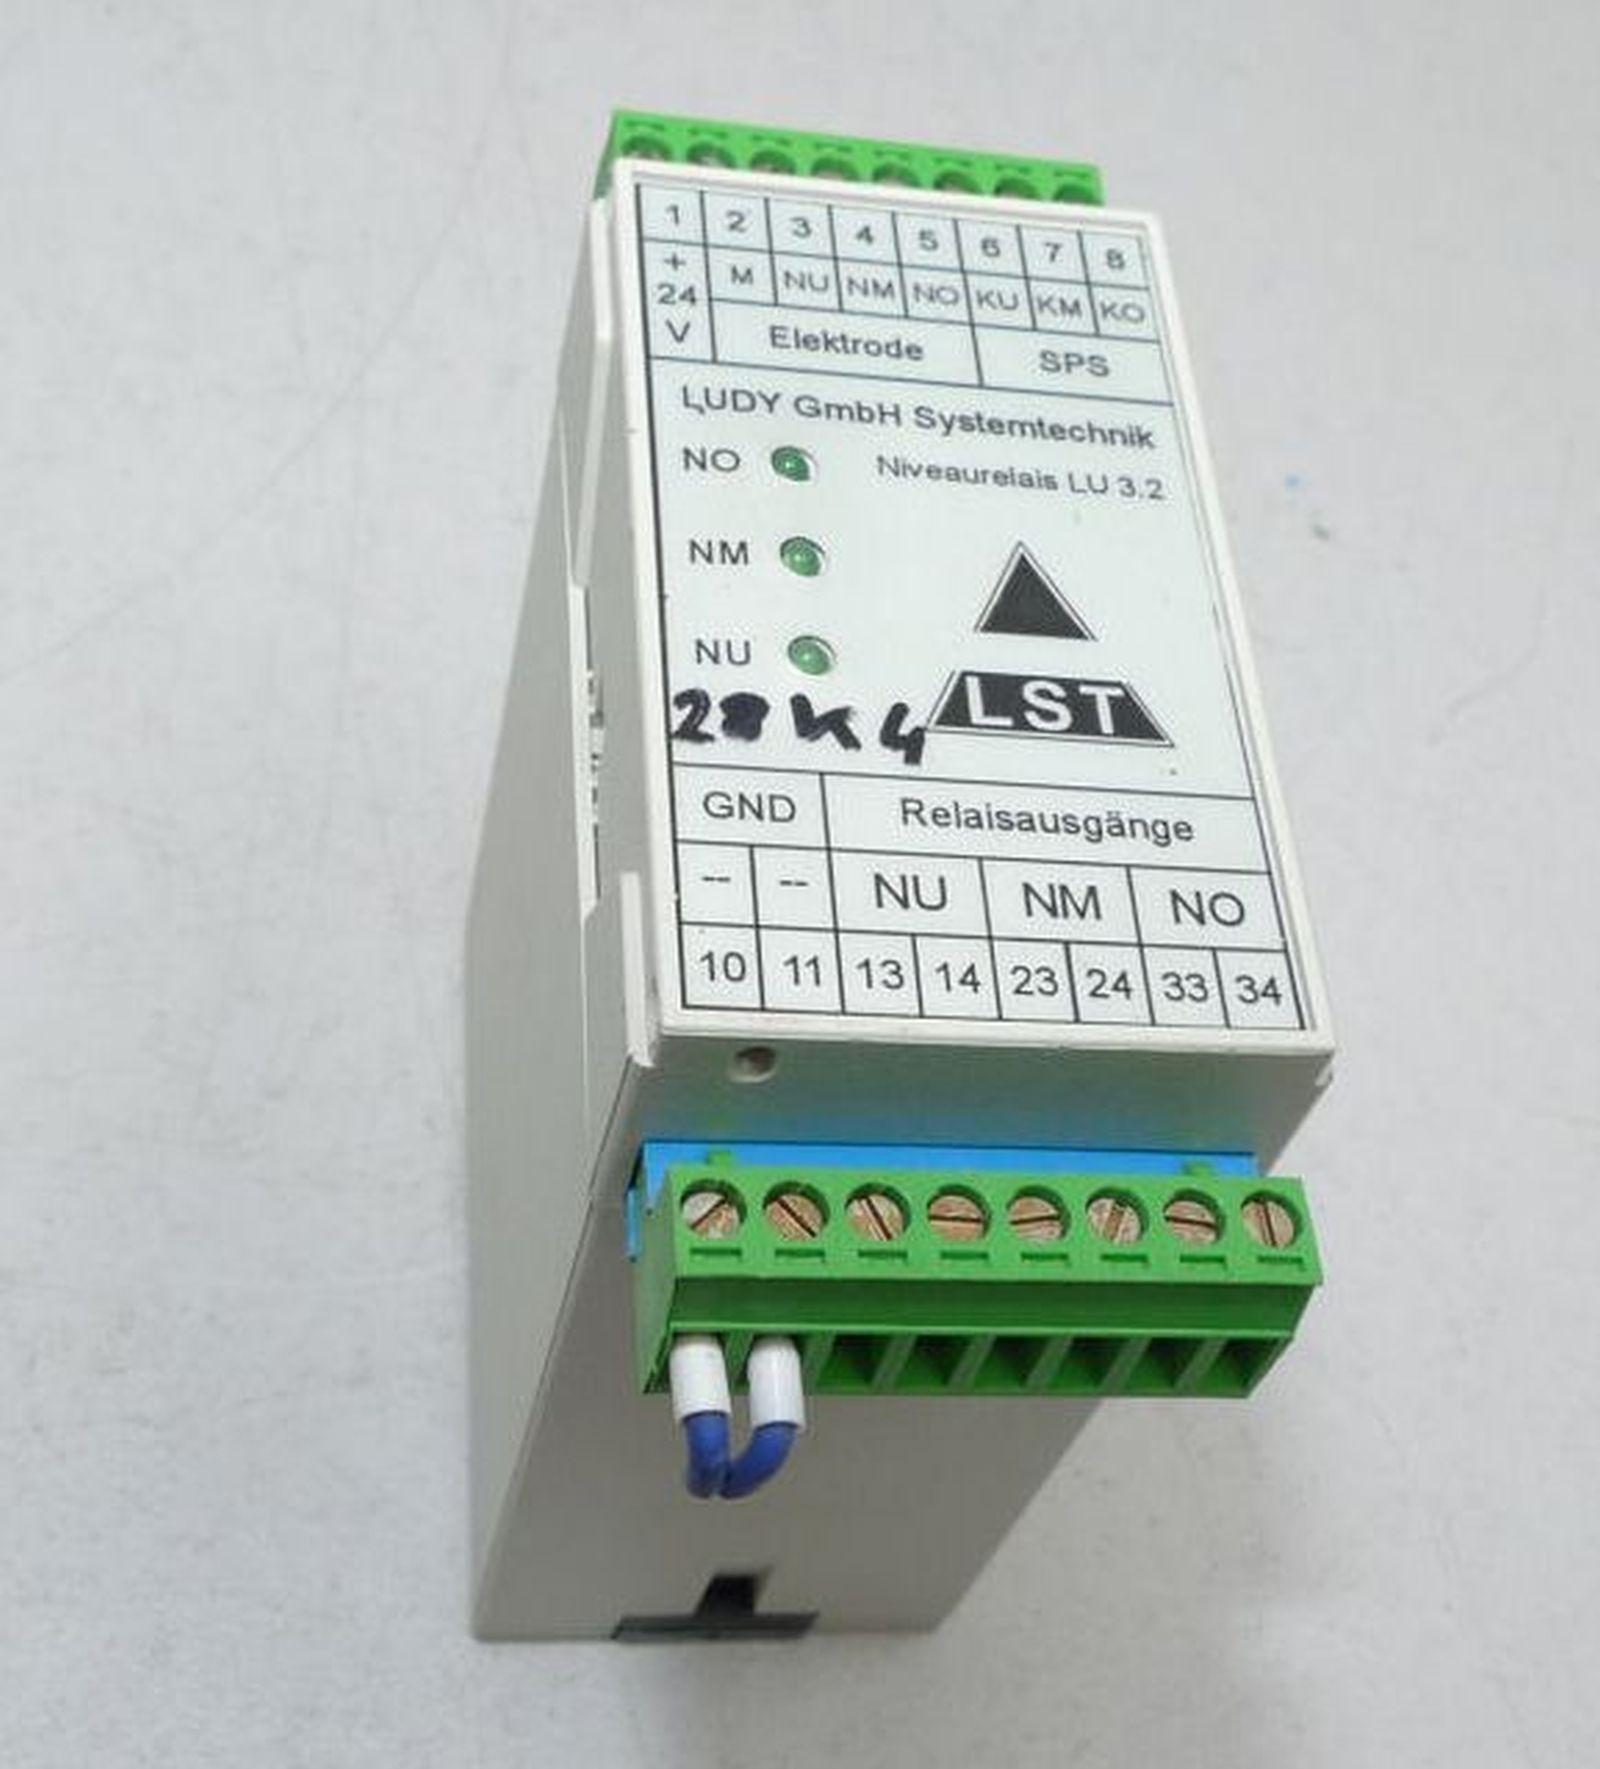 Antriebe & Bewegungssteuerung Pp2008 Frequenzumrichter Platine Inverter Board Sew 820800 X 8208018 Motorenantriebe & Steuerungen